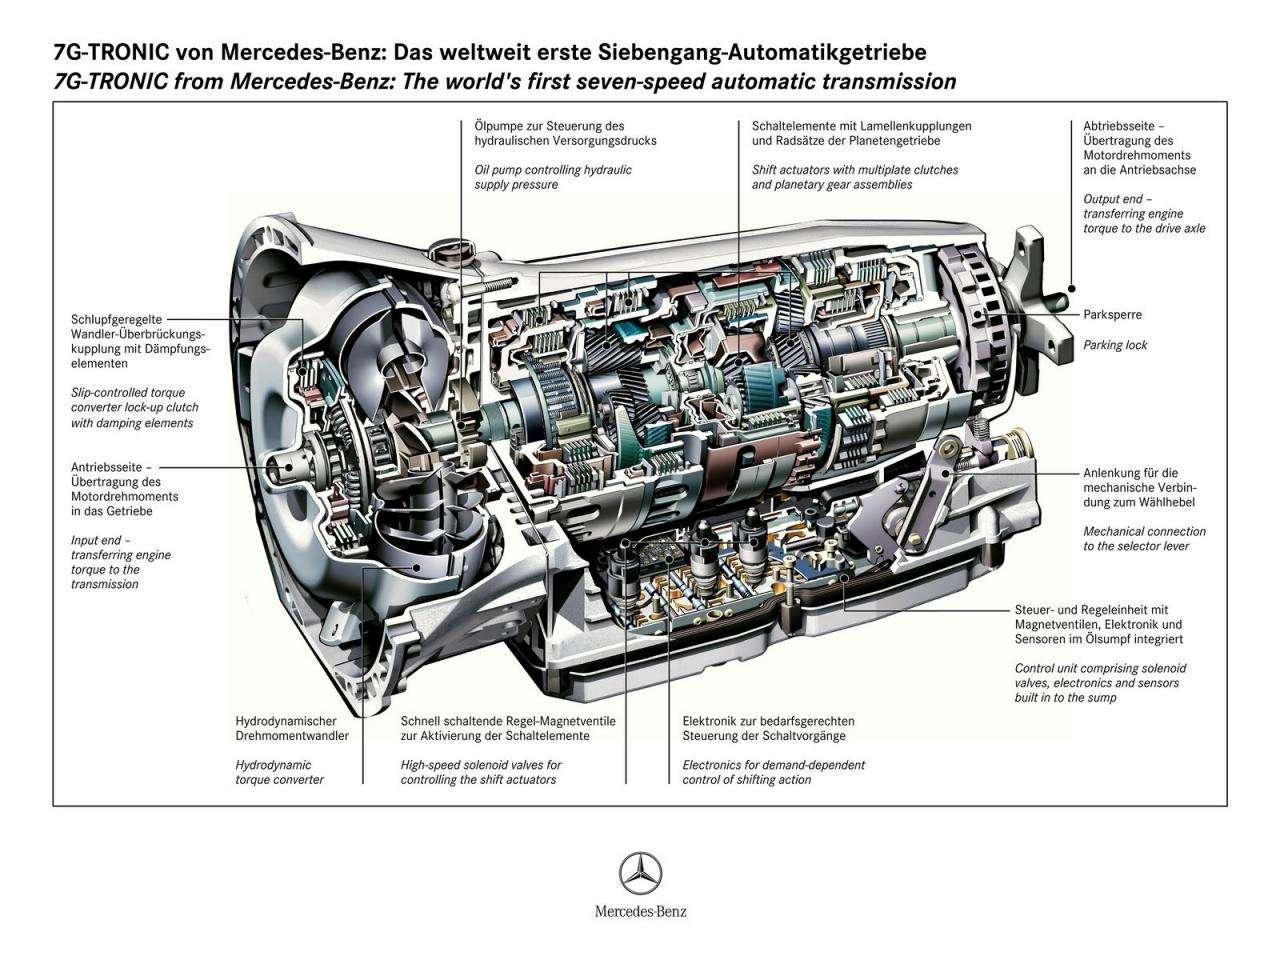 Mercedes 9 speed lipiec 2010